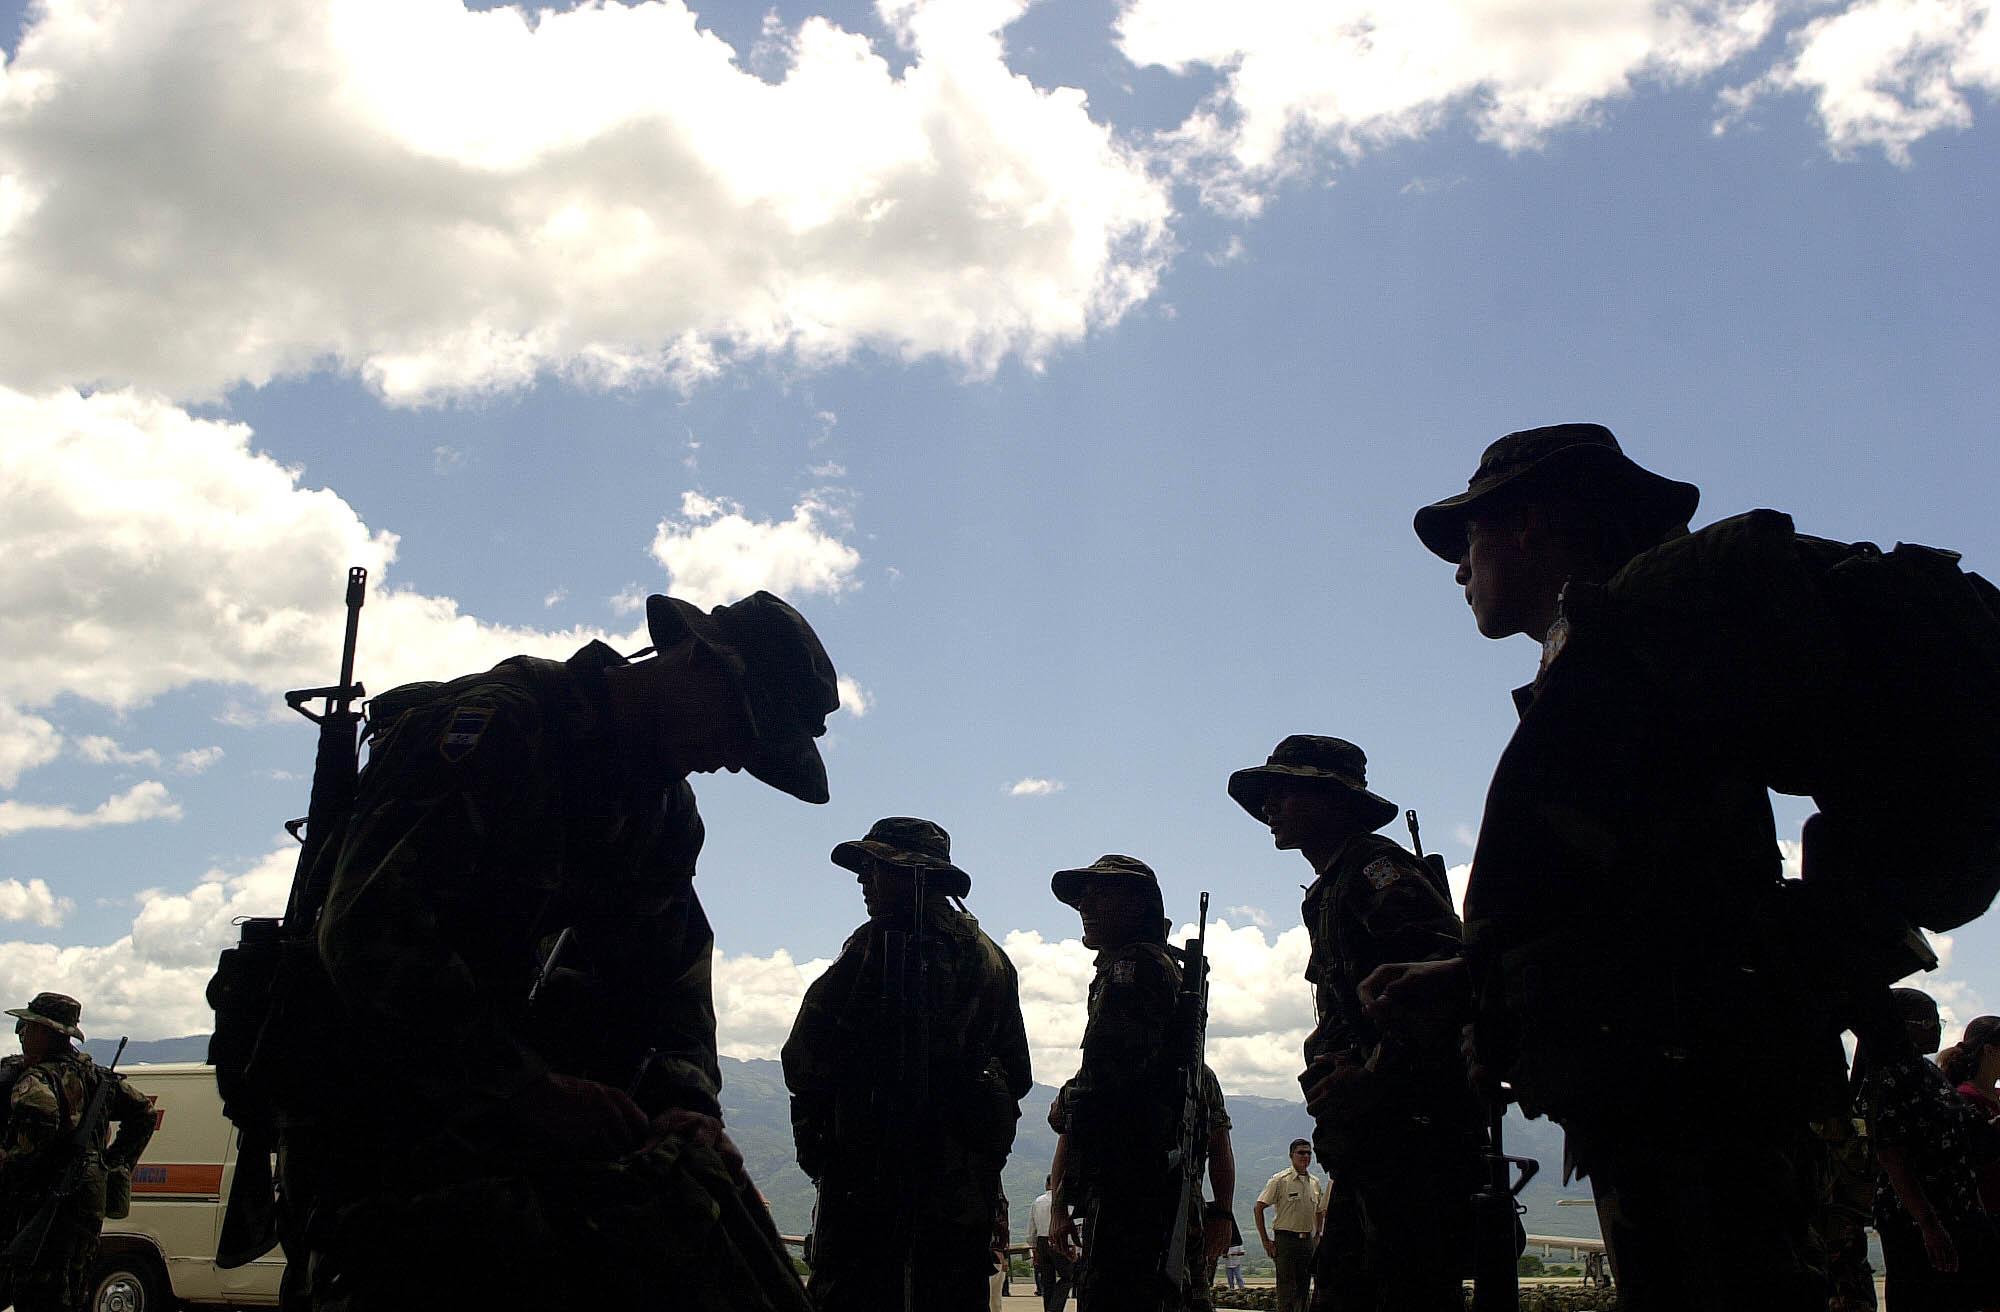 """Soldados hondureños preparan sus maletas durante una ceremonia de despedida de la Fuerza Aérea hondureña en la Base Soto Cano, en Comayagua a 80 km al norte de Tegucigalpa, Honduras, el domingo 10 de agosto de 2003. Unos 370 soldados de Honduras serán parte del """"FT"""". Grupo Xatruch """"que participará en misiones humanitarias en Iraq bajo el mandato de España.  (AP Photo / Ginnette Riquelme)"""